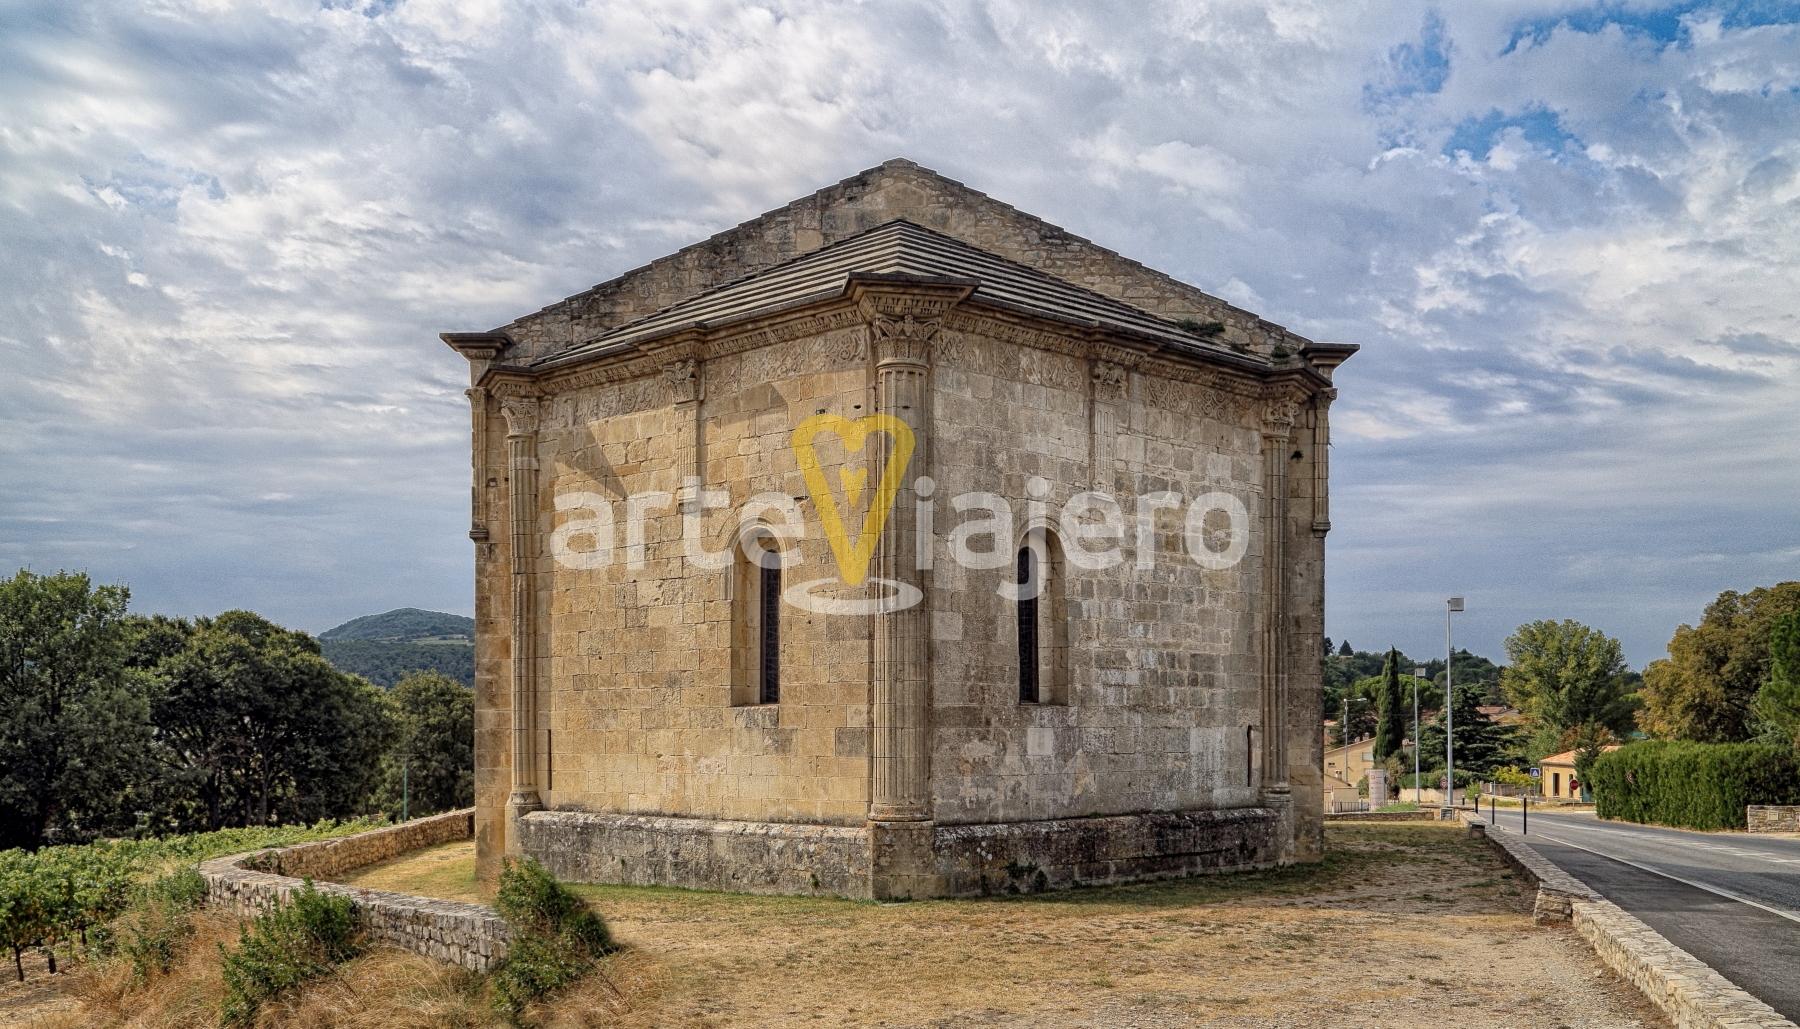 chapelle de saint quenin, ábside triangular